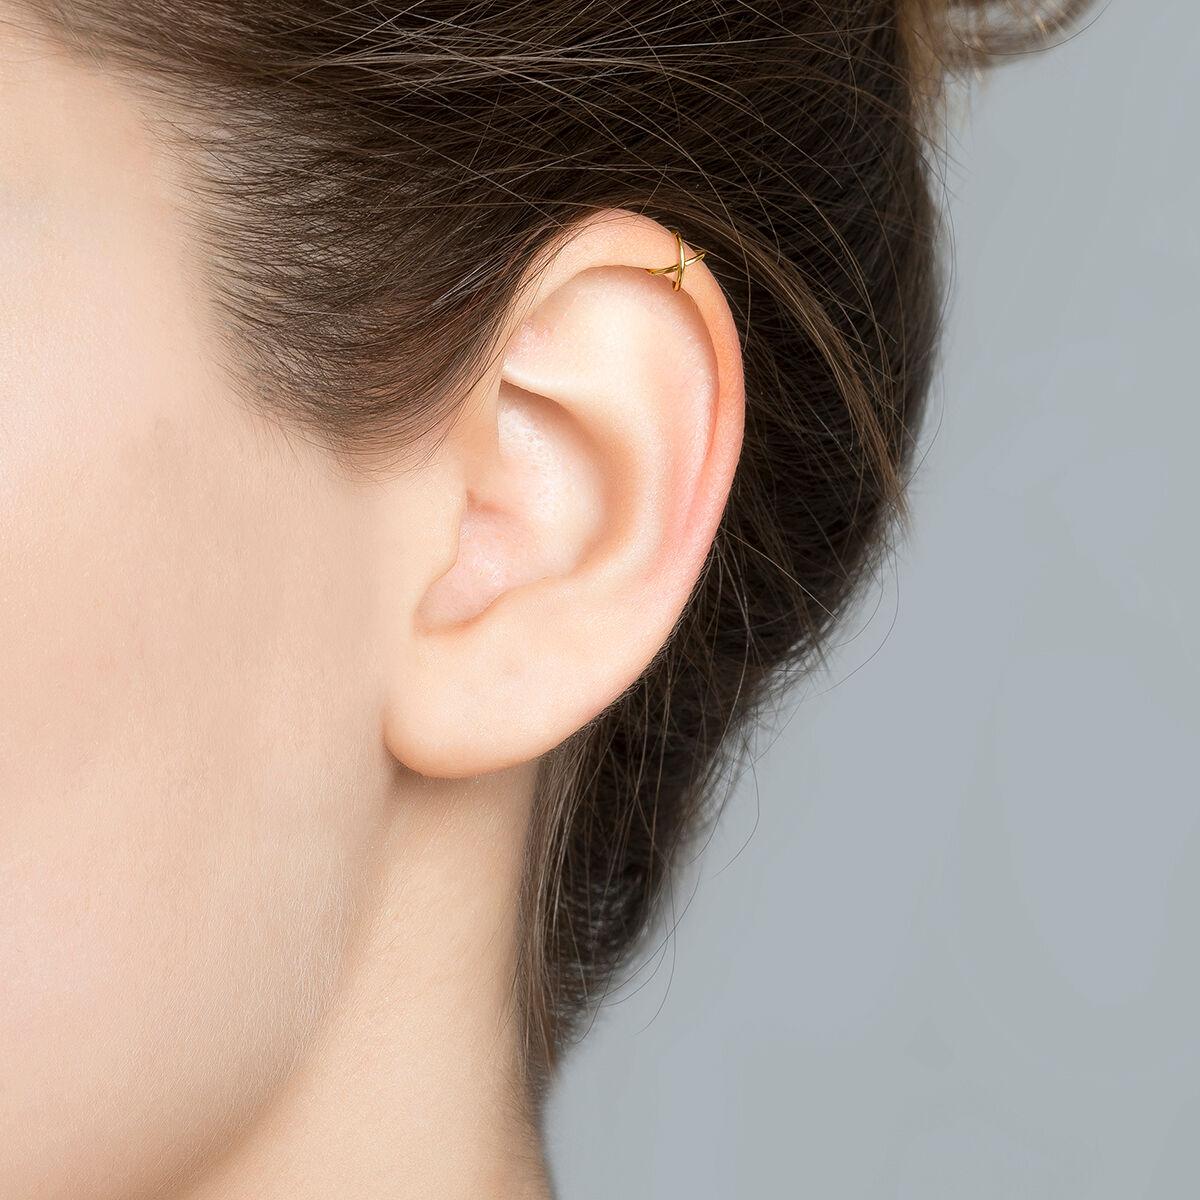 boucle d'oreille cartillage